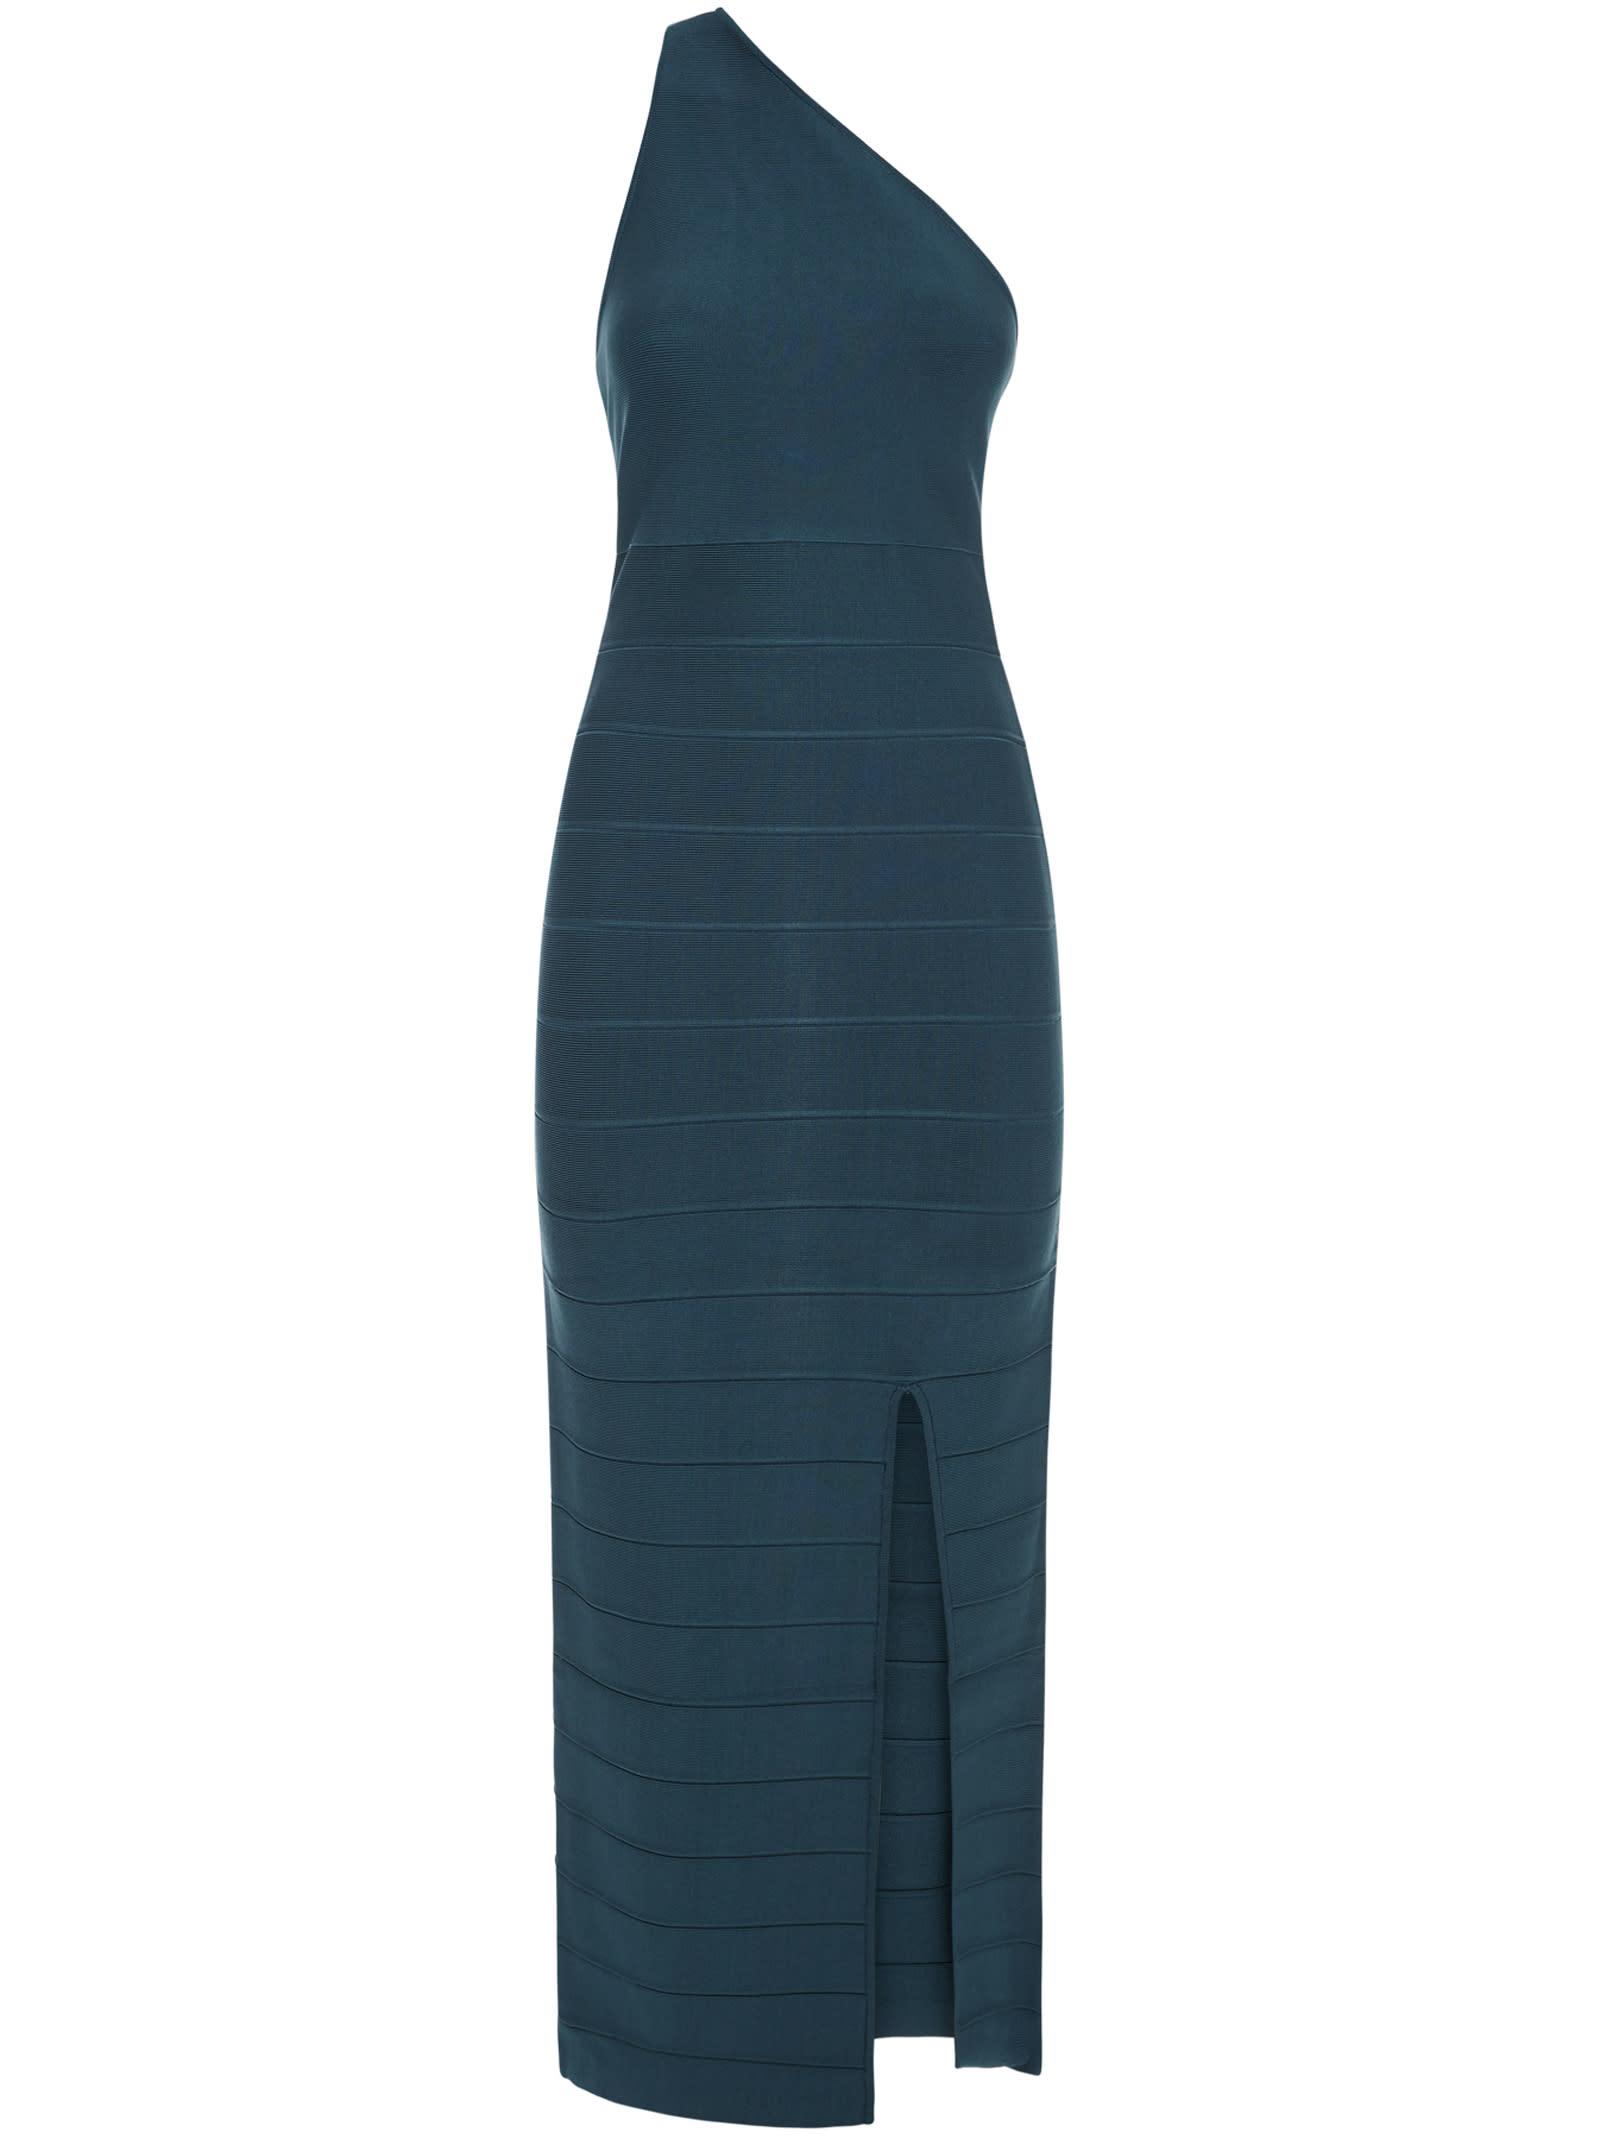 Buy Herv·L?er Herve Leger Dress online, shop Herv·L?er with free shipping